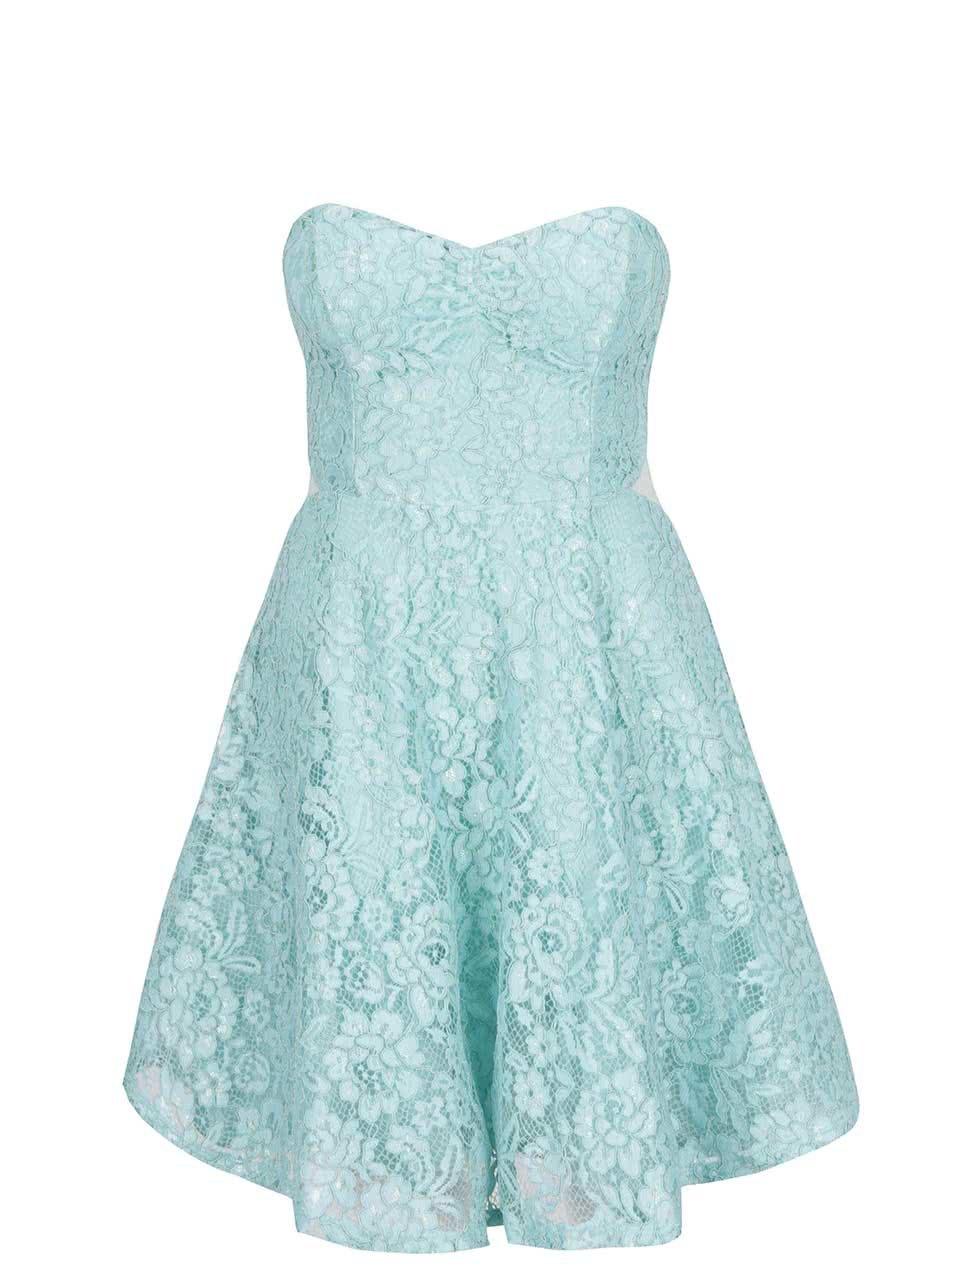 0d9810f8663 Světle modré krajkové šaty TALLY WEiJL ...